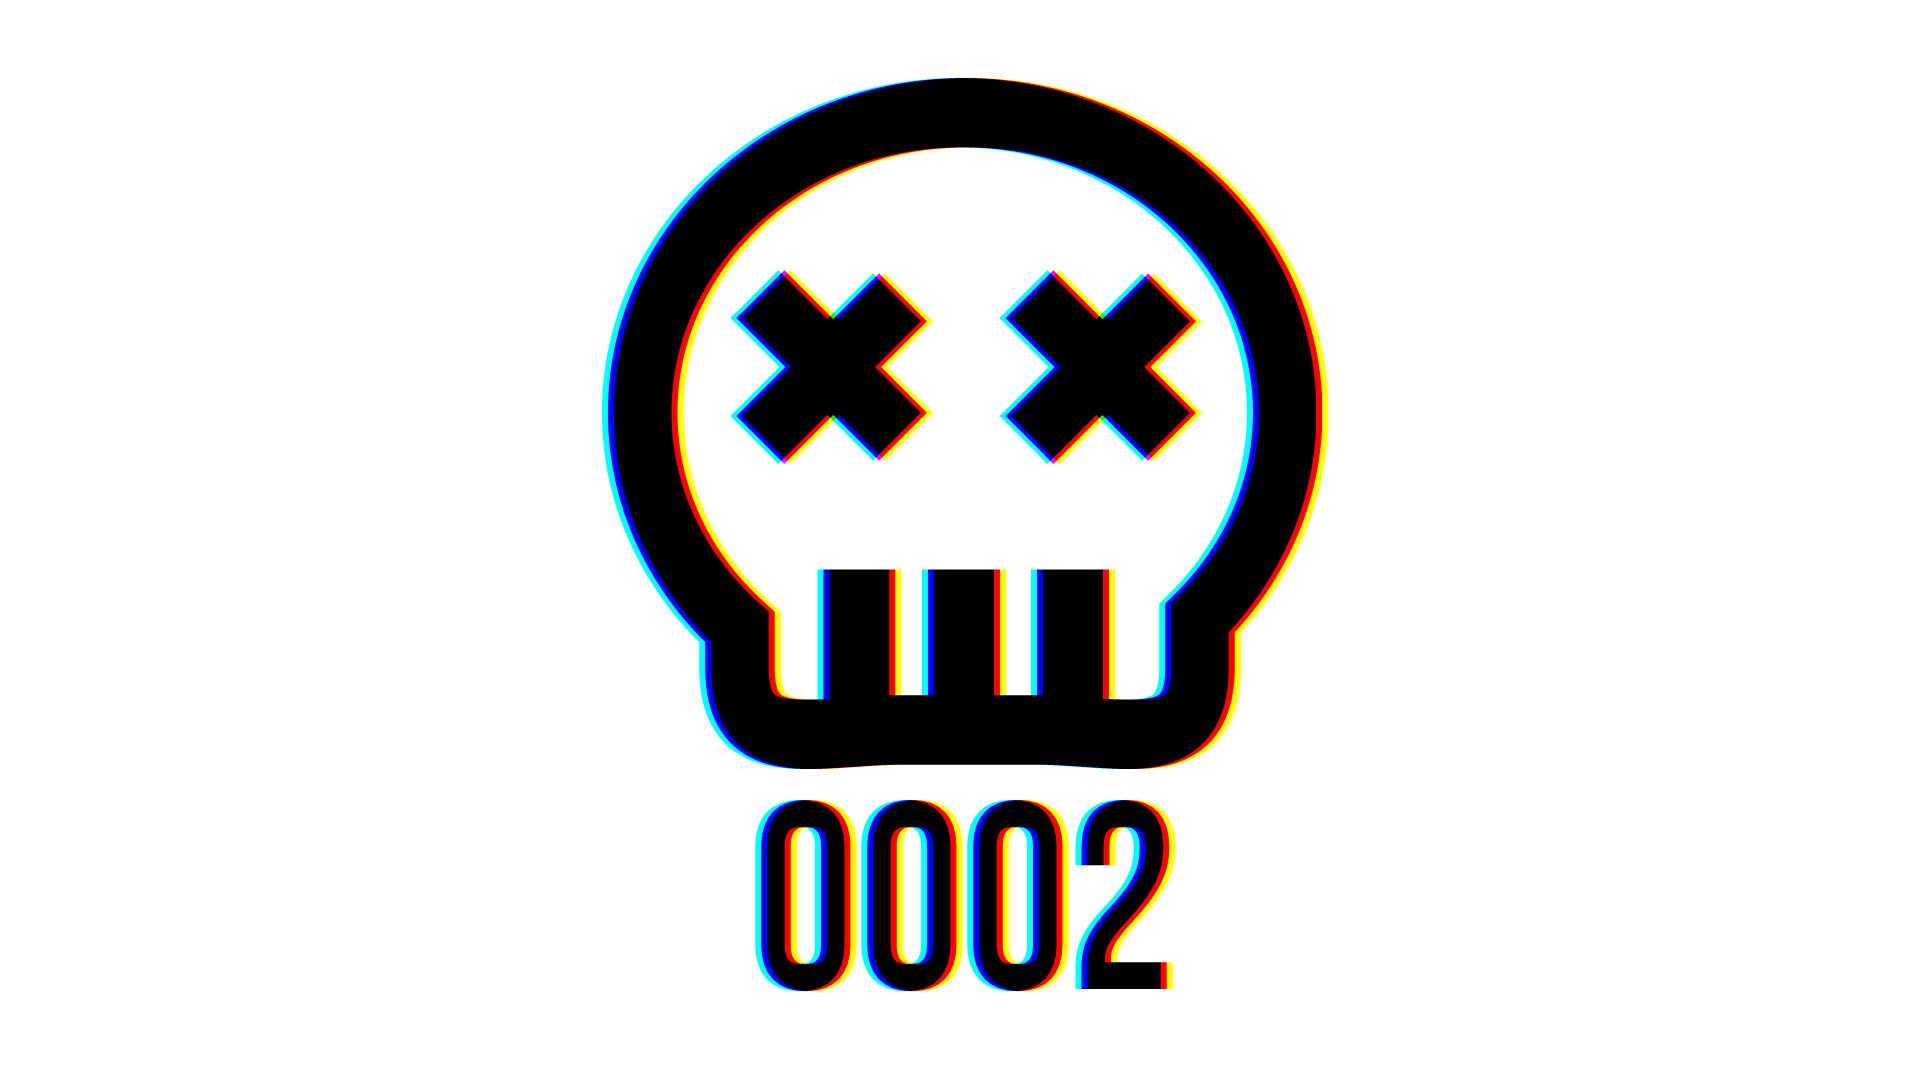 Le chiffre sous le crâne indique le nombre de fois où vous avez échoué le niveau. Il peut aller dans les quatre chiffres...